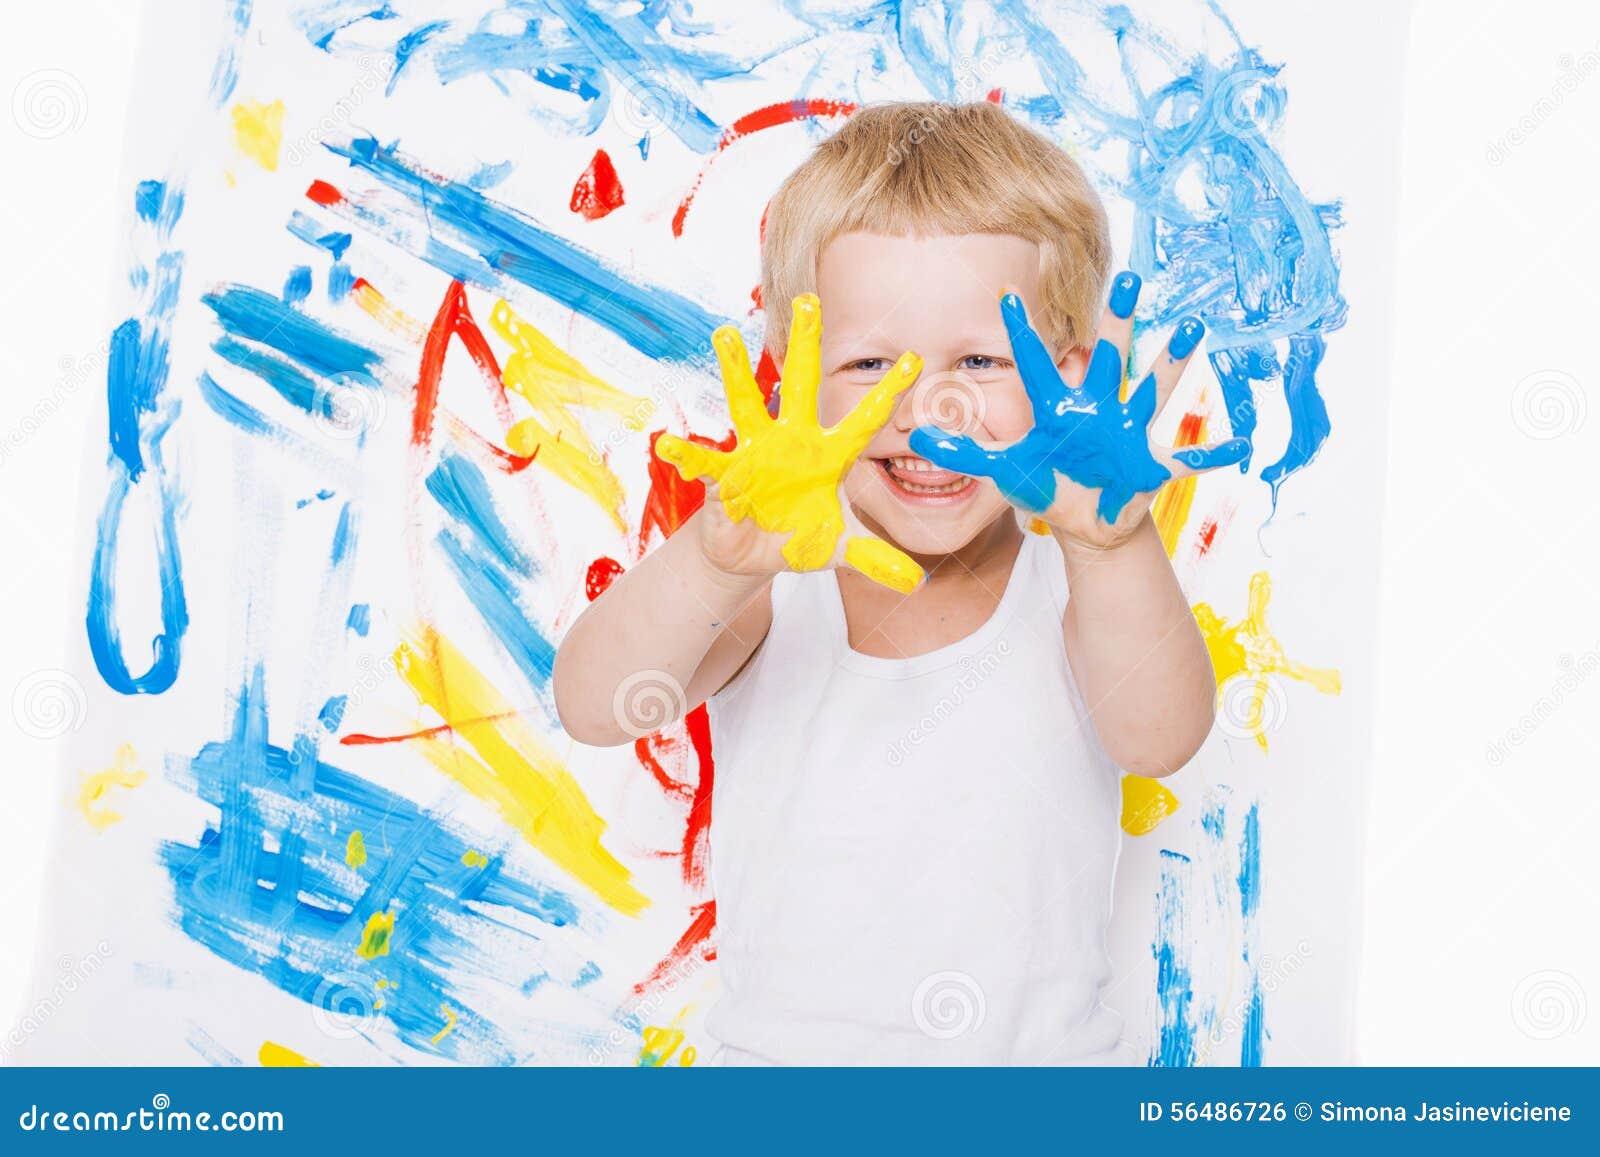 Portret upaćkany dzieciaka malarz troszkę szkoła preschool Edukacja twórczość